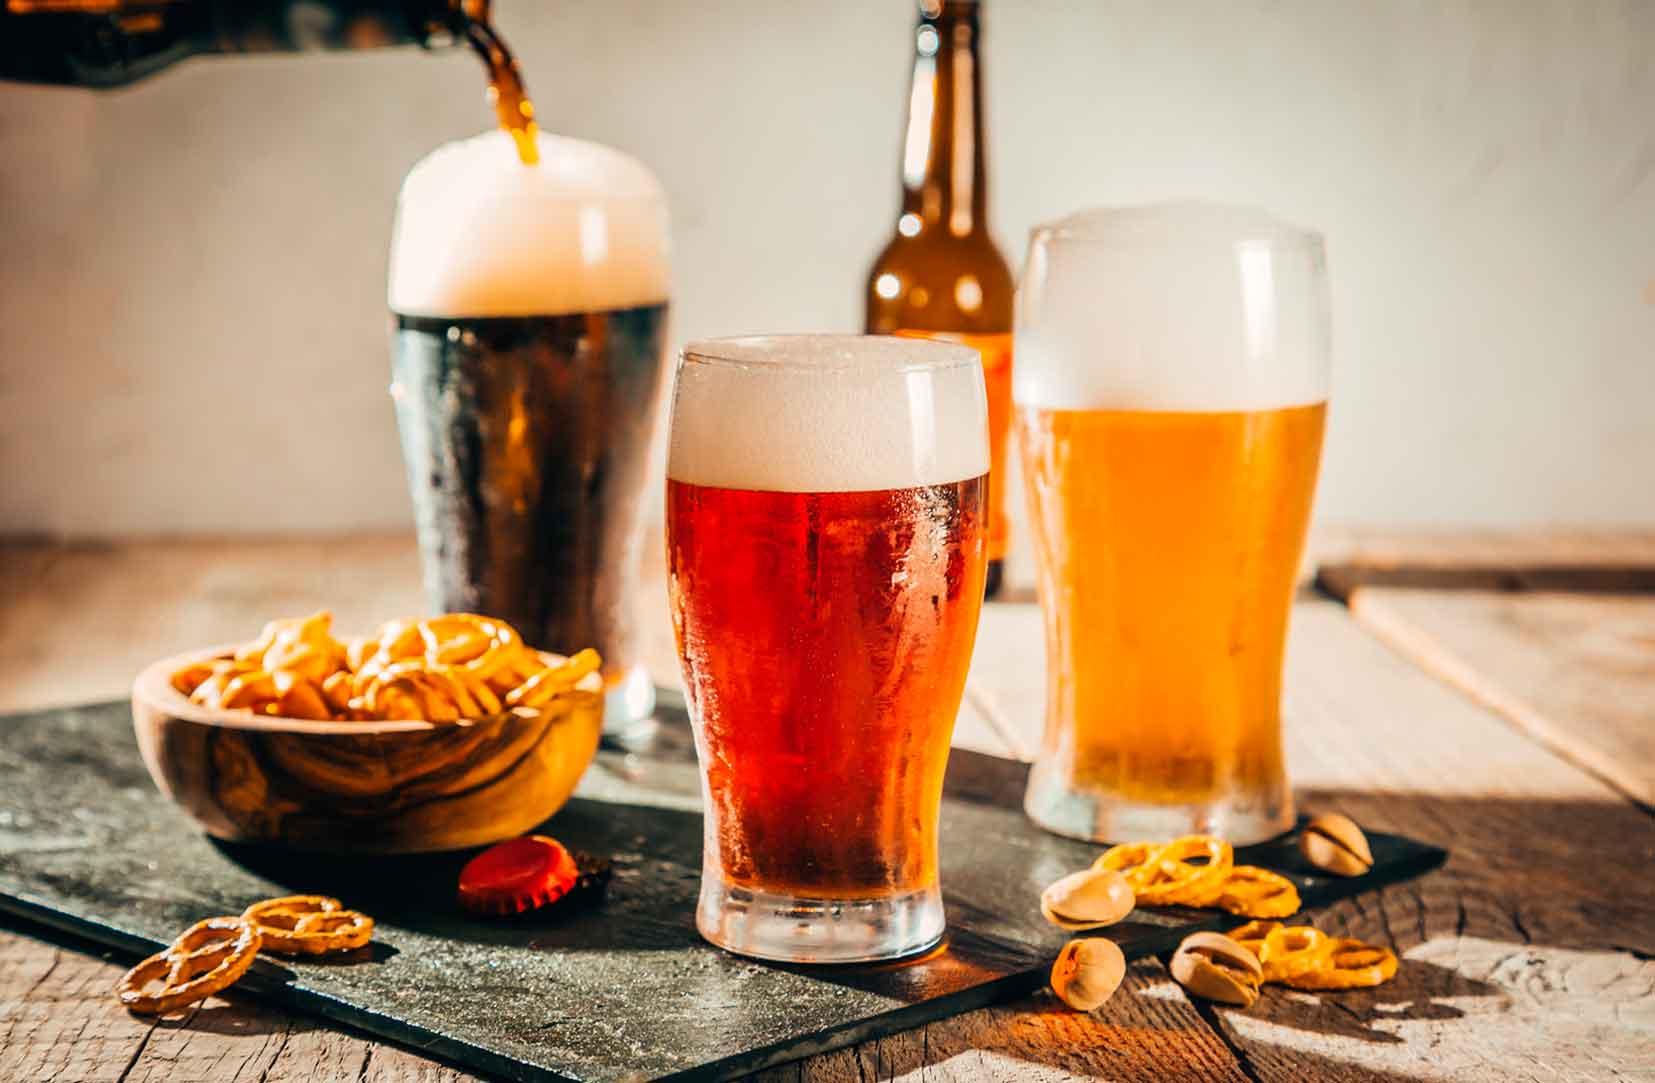 Cervezas mexicanas artesanales a domicilio